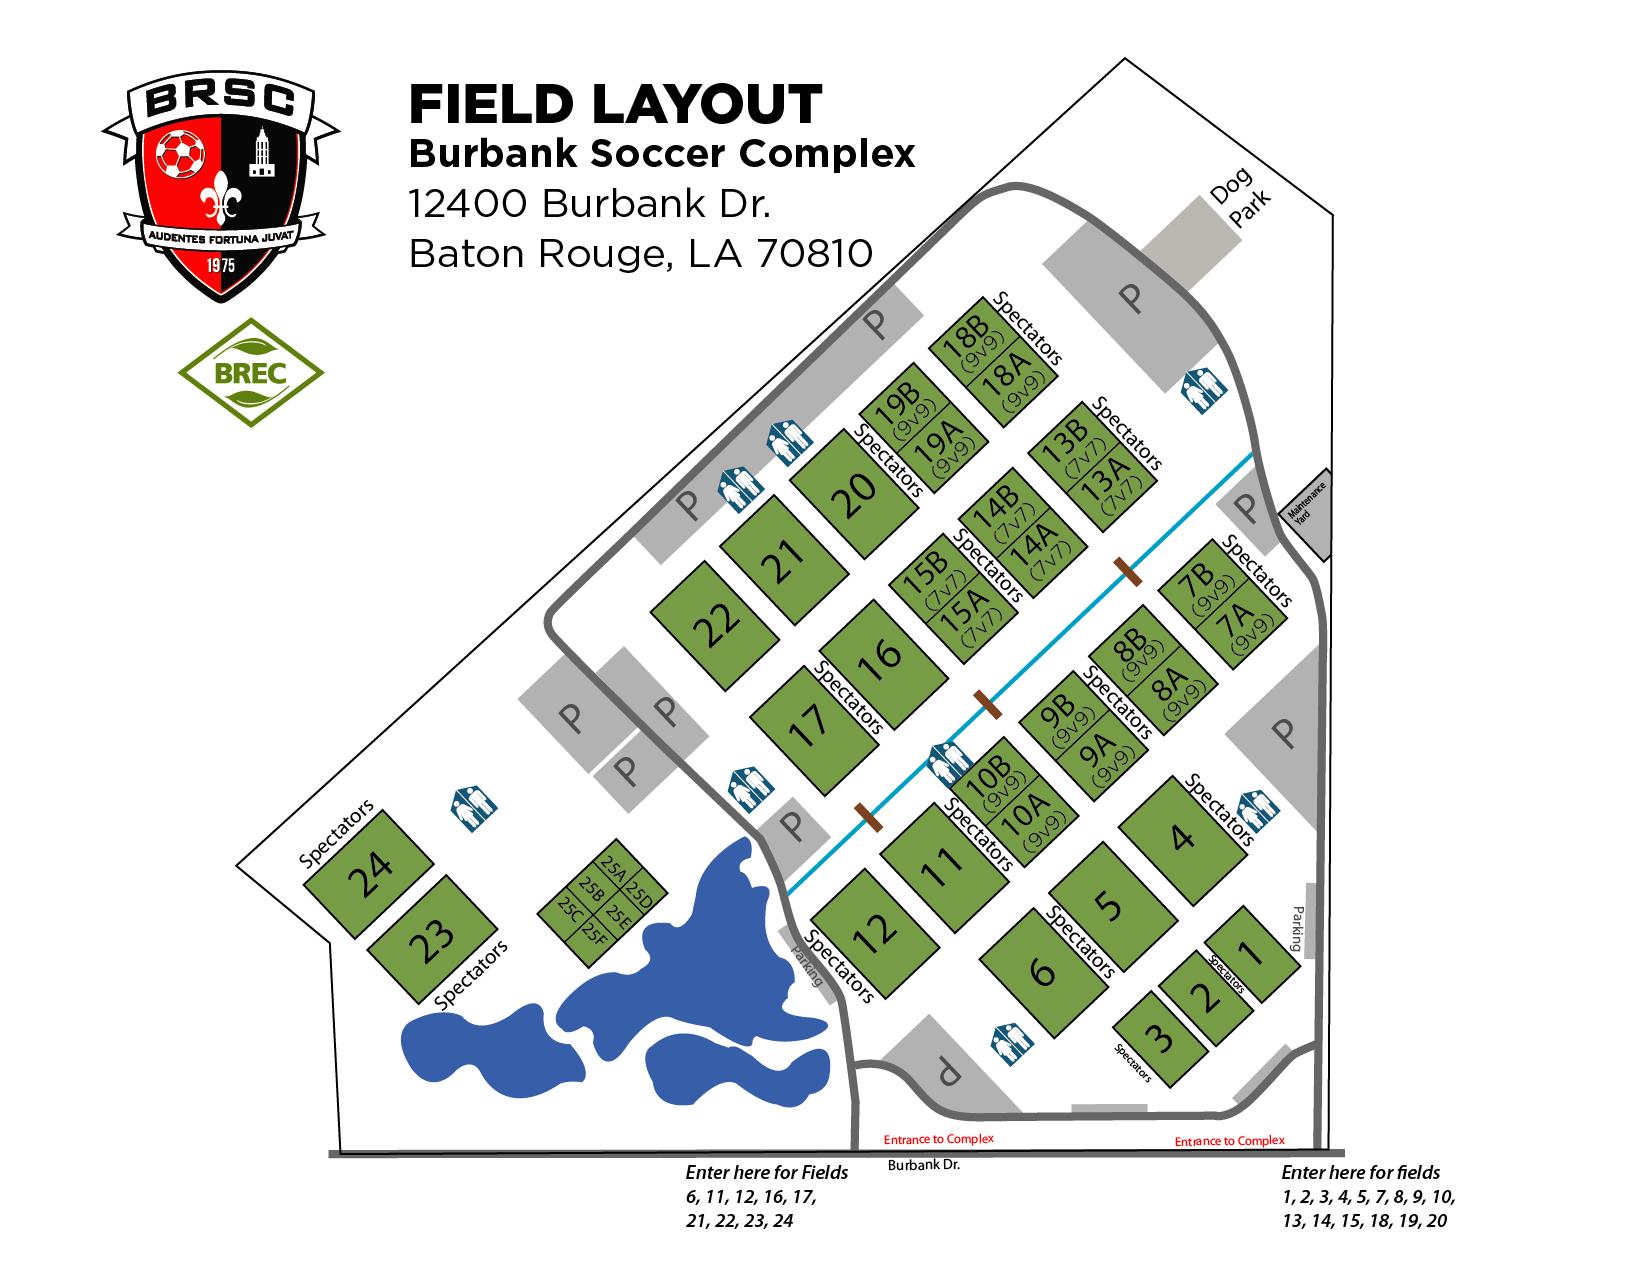 BRSC Field Map - Burbank Soccer Complex